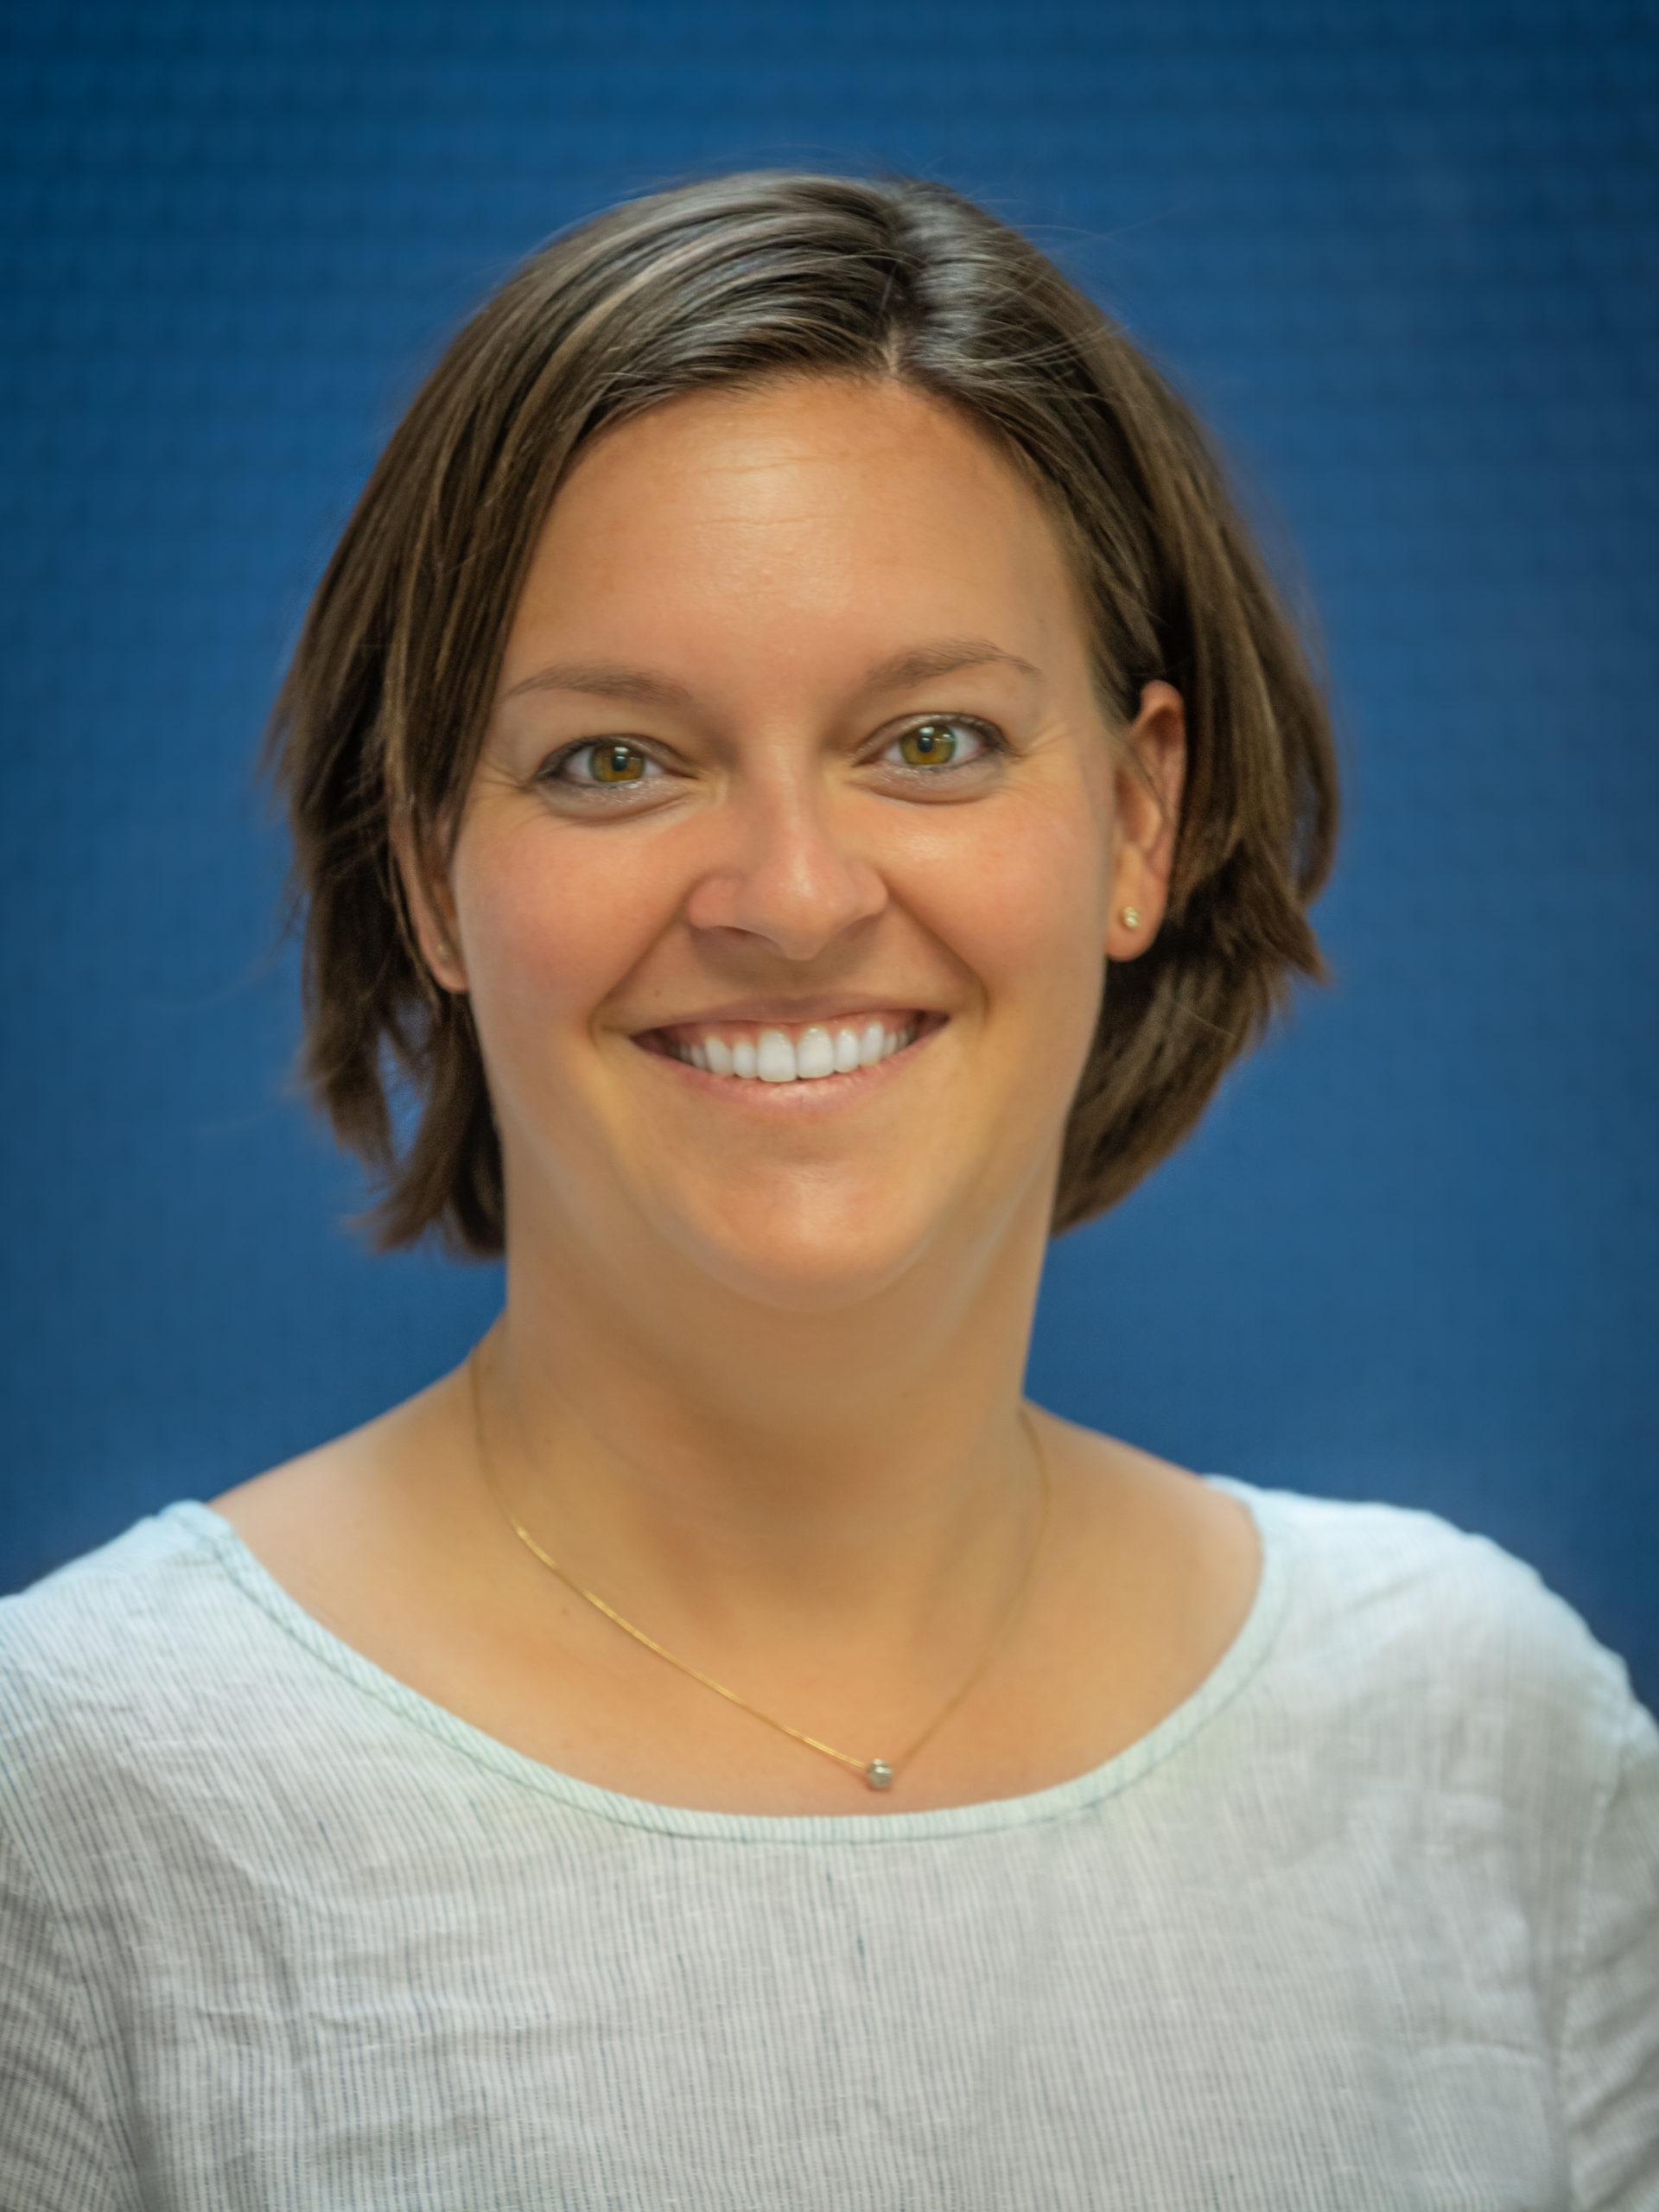 Linda Frantzen